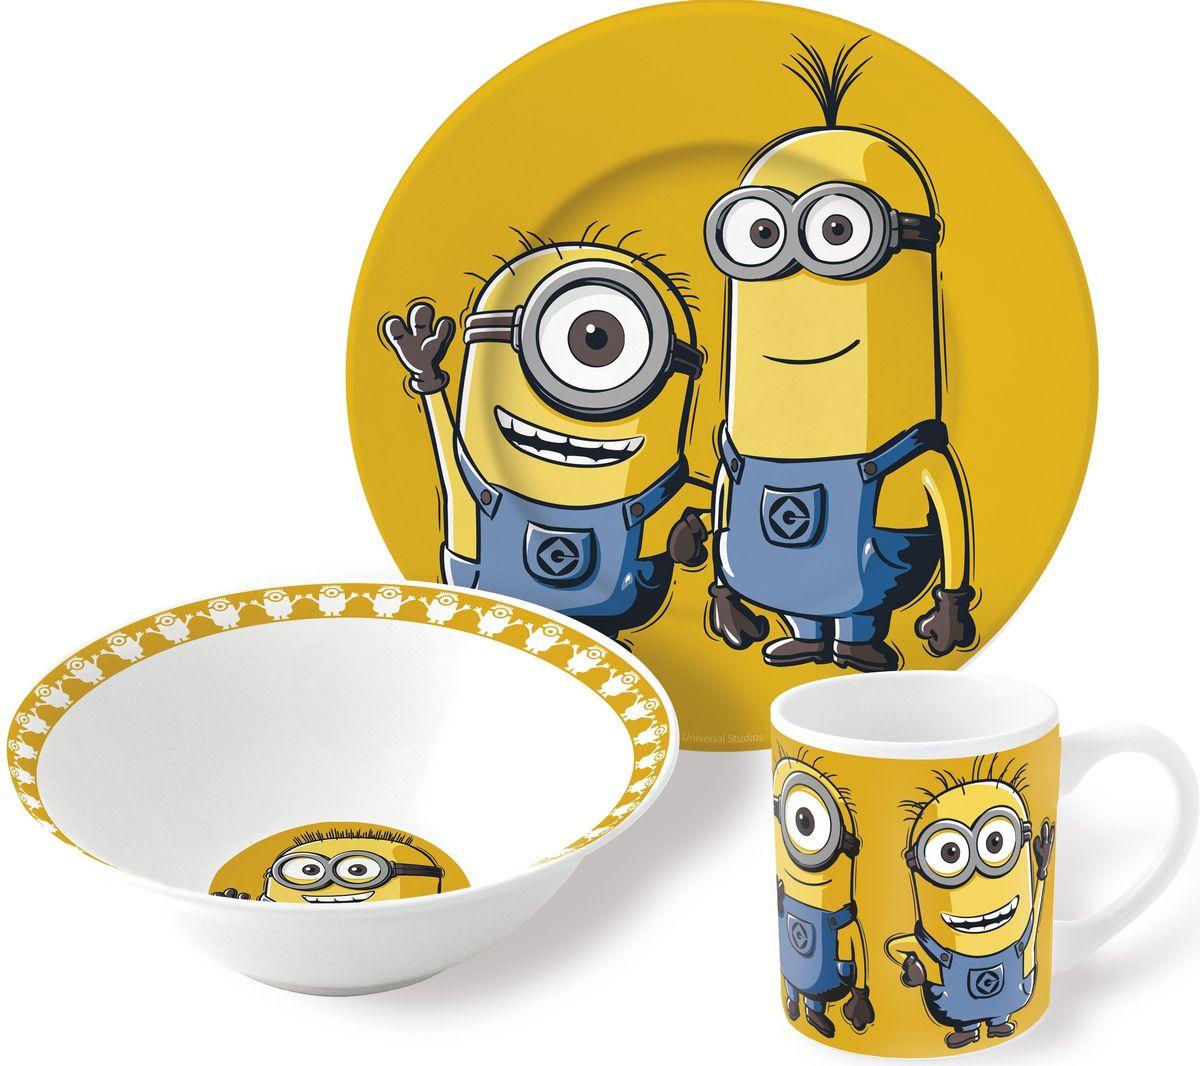 Stor Набор детской посуды Миньоны 3 предмета115510Набор детской посуды Stor Миньоны - оригинальная керамическая посуда с изображением любимых героев – прекрасный подарок для детей и взрослых.